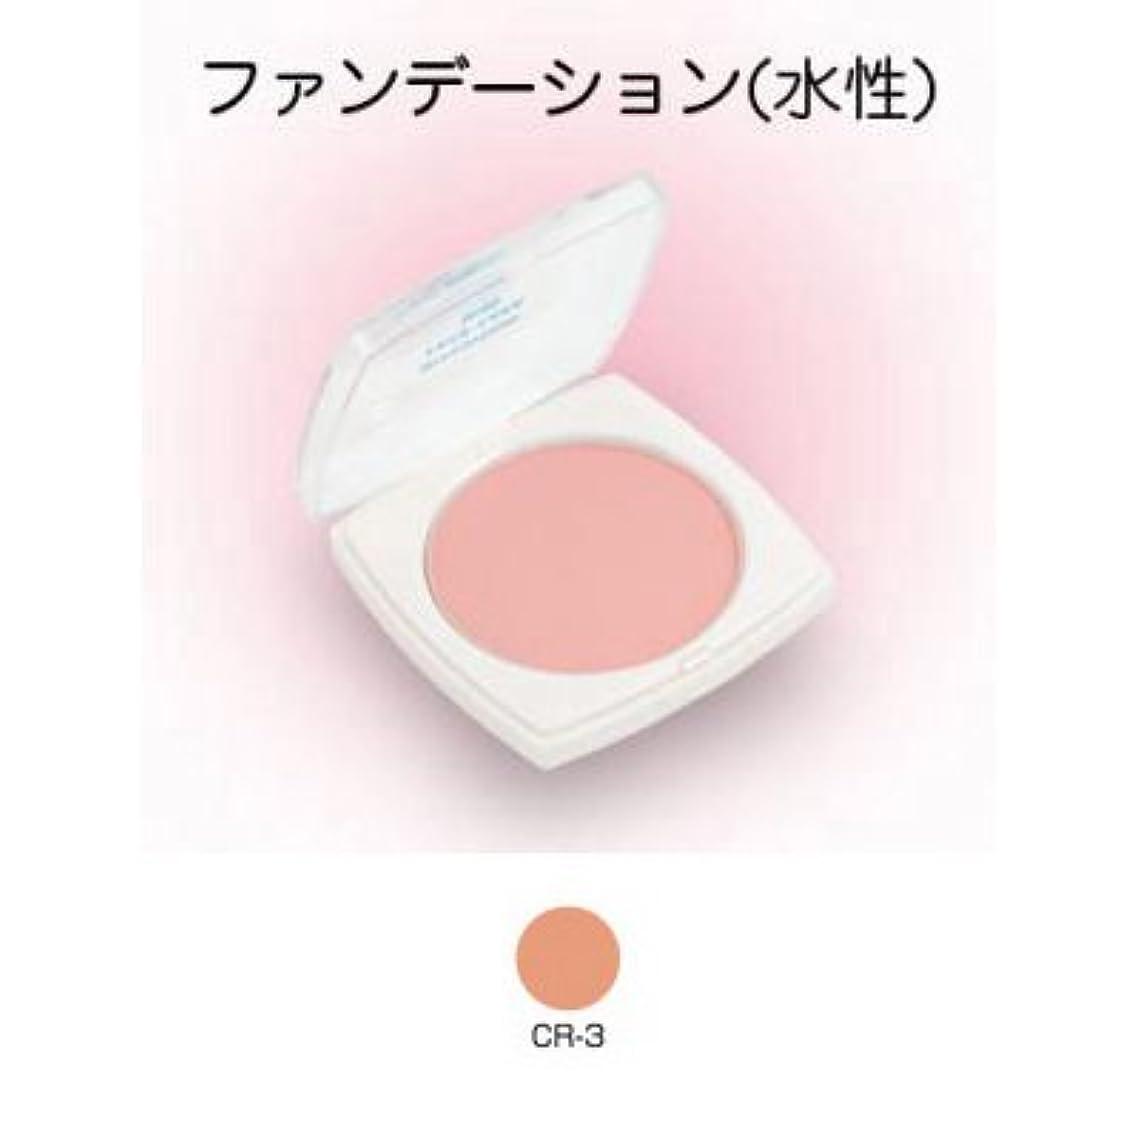 挑発するバルク香ばしいフェースケーキ ミニ 17g CR-3 【三善】